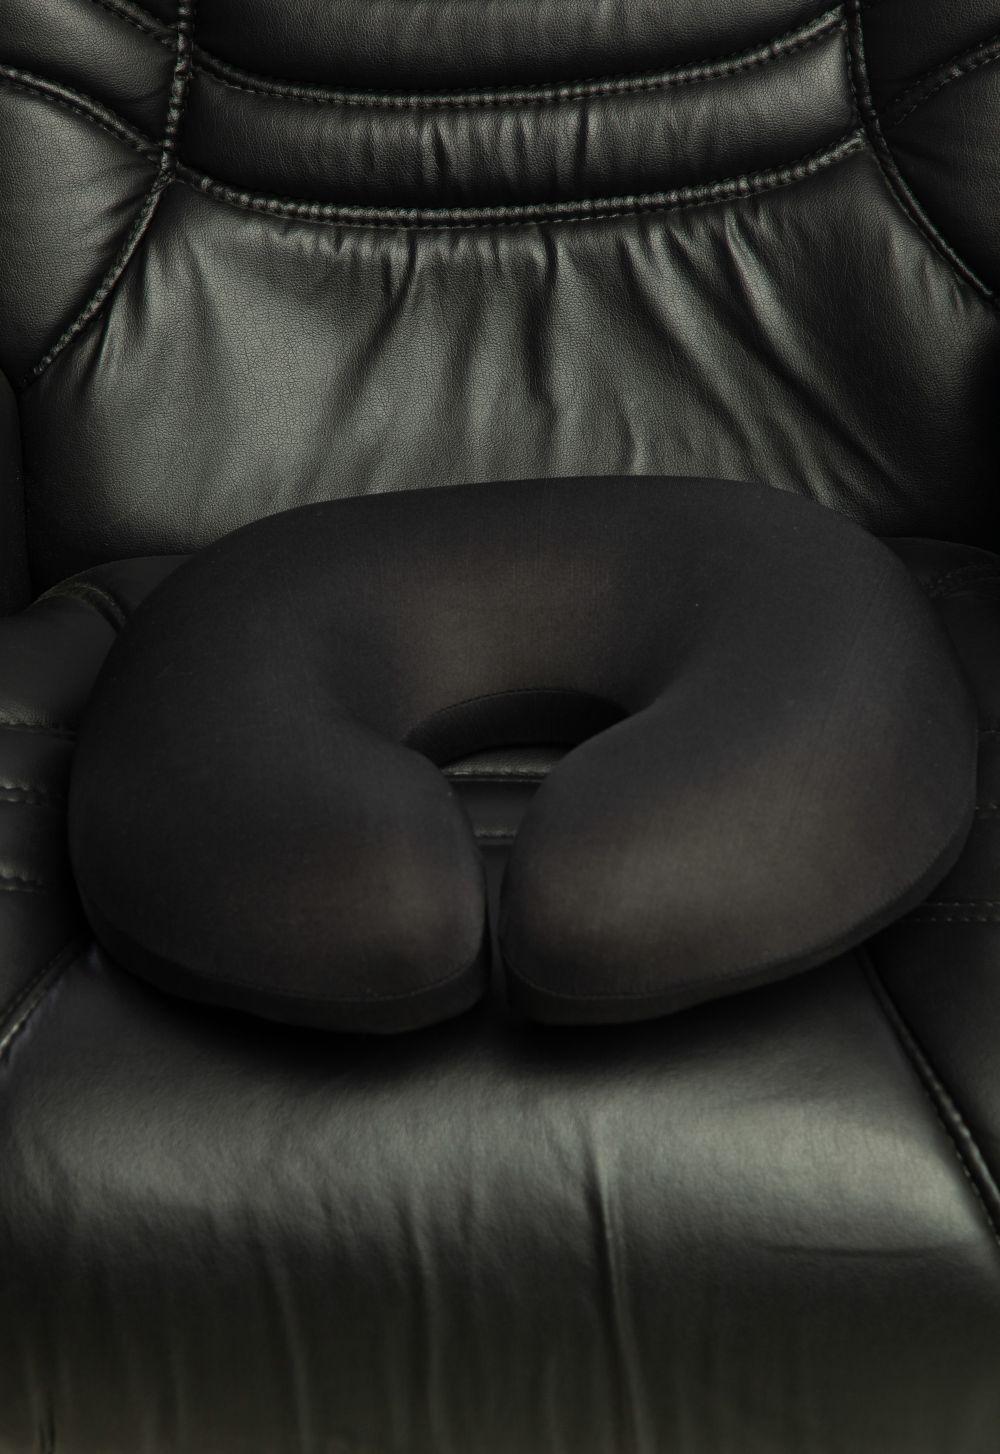 Perna de sezut in forma de inel